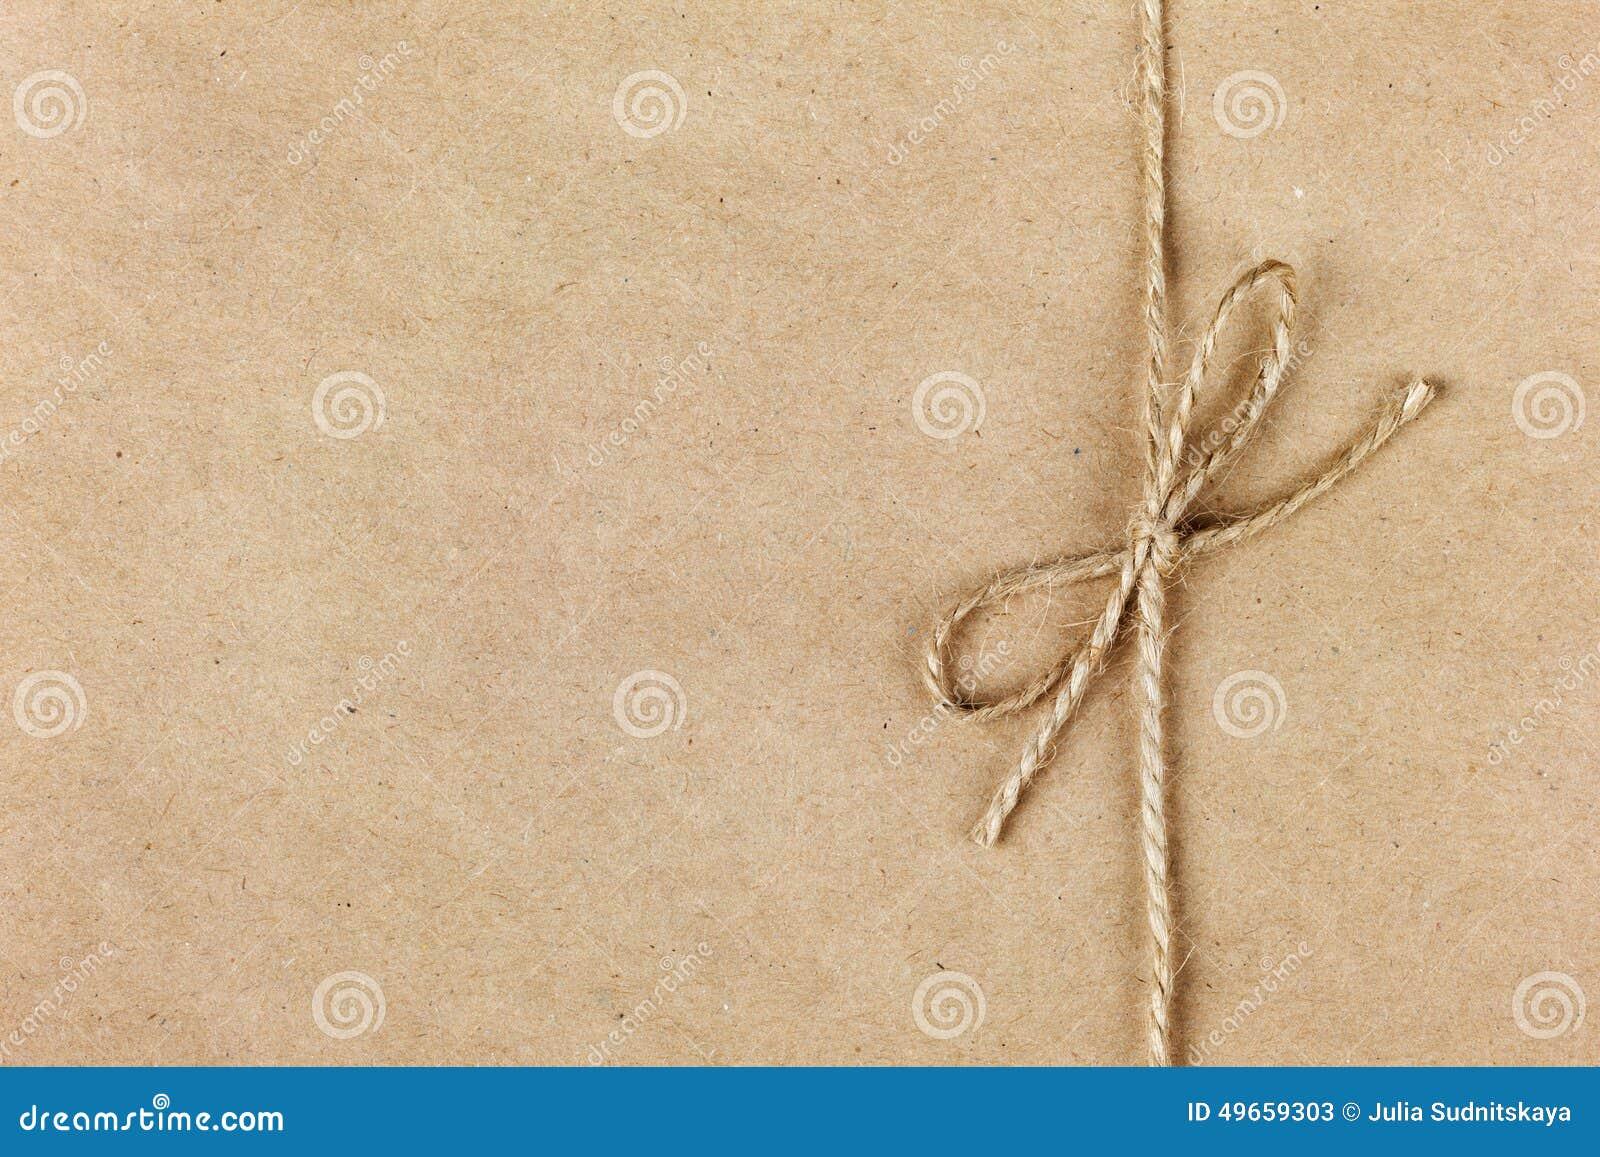 Het koord of de streng bond een boog op kraftpapier-document vast